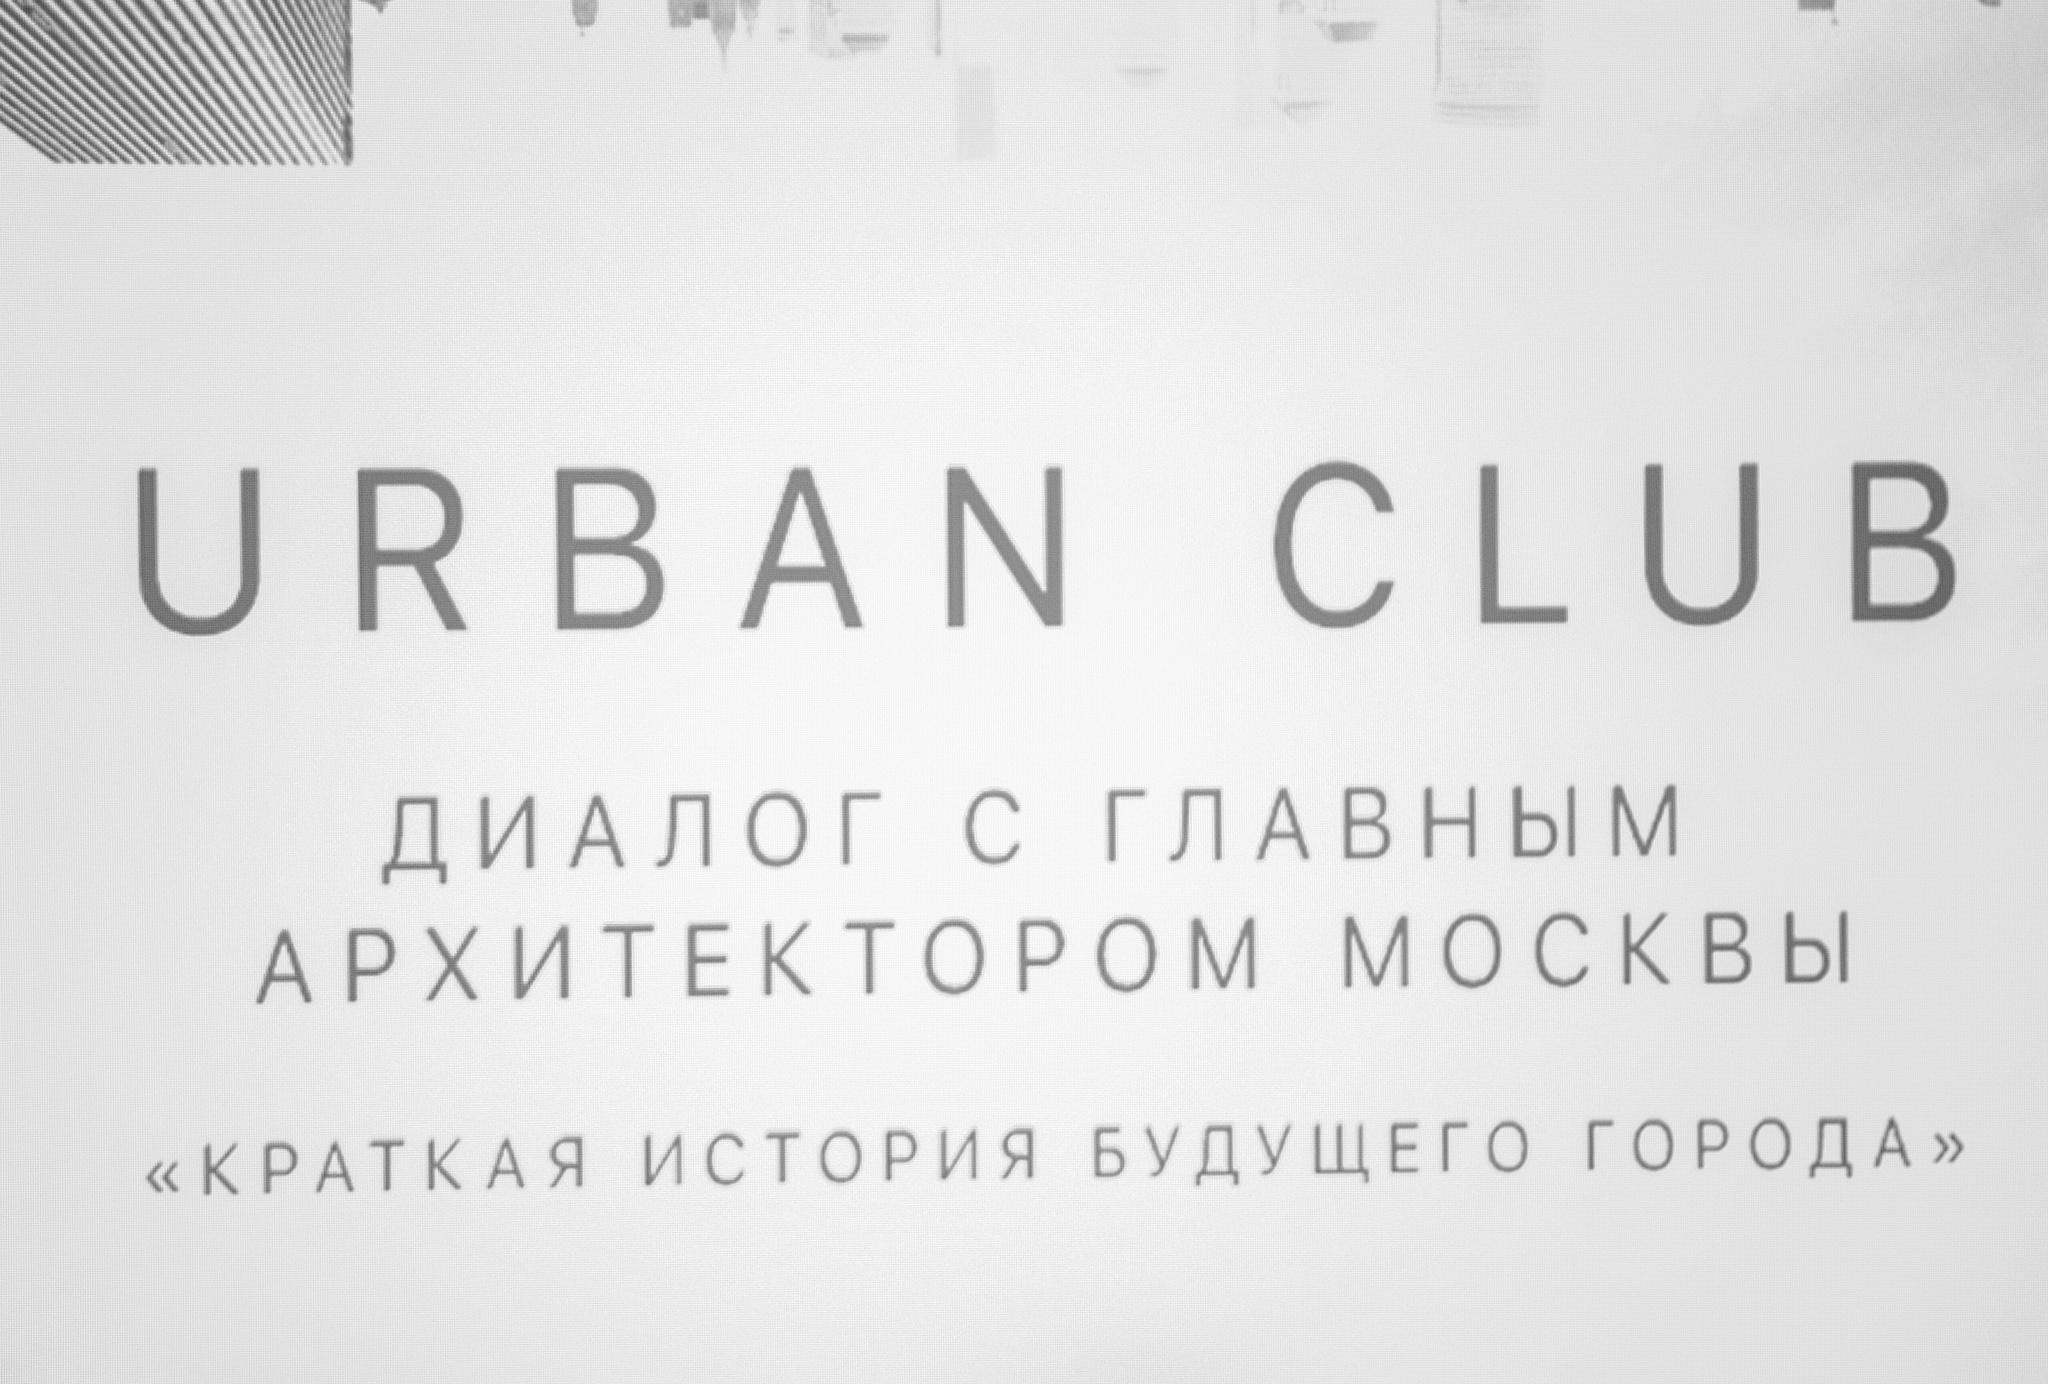 Краткая история будущего города или как урбанистика объединила элиту